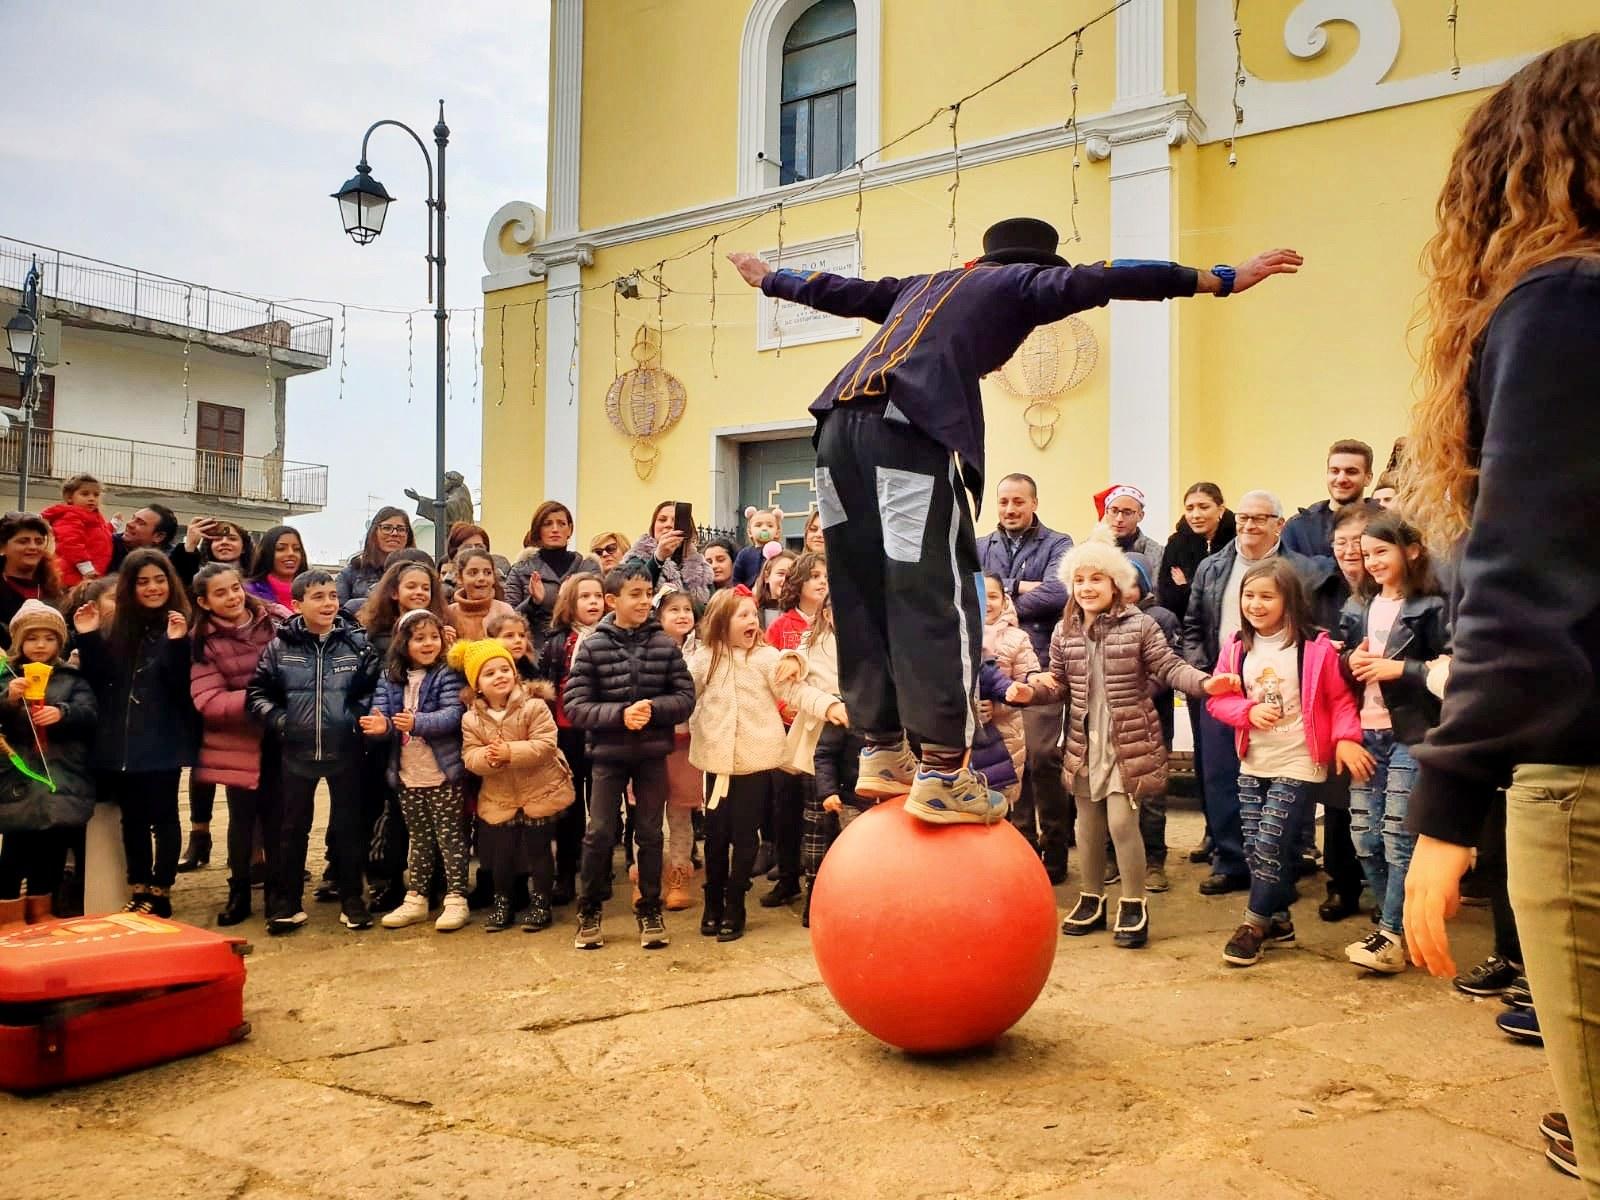 Giocoliere trampoliere su palla